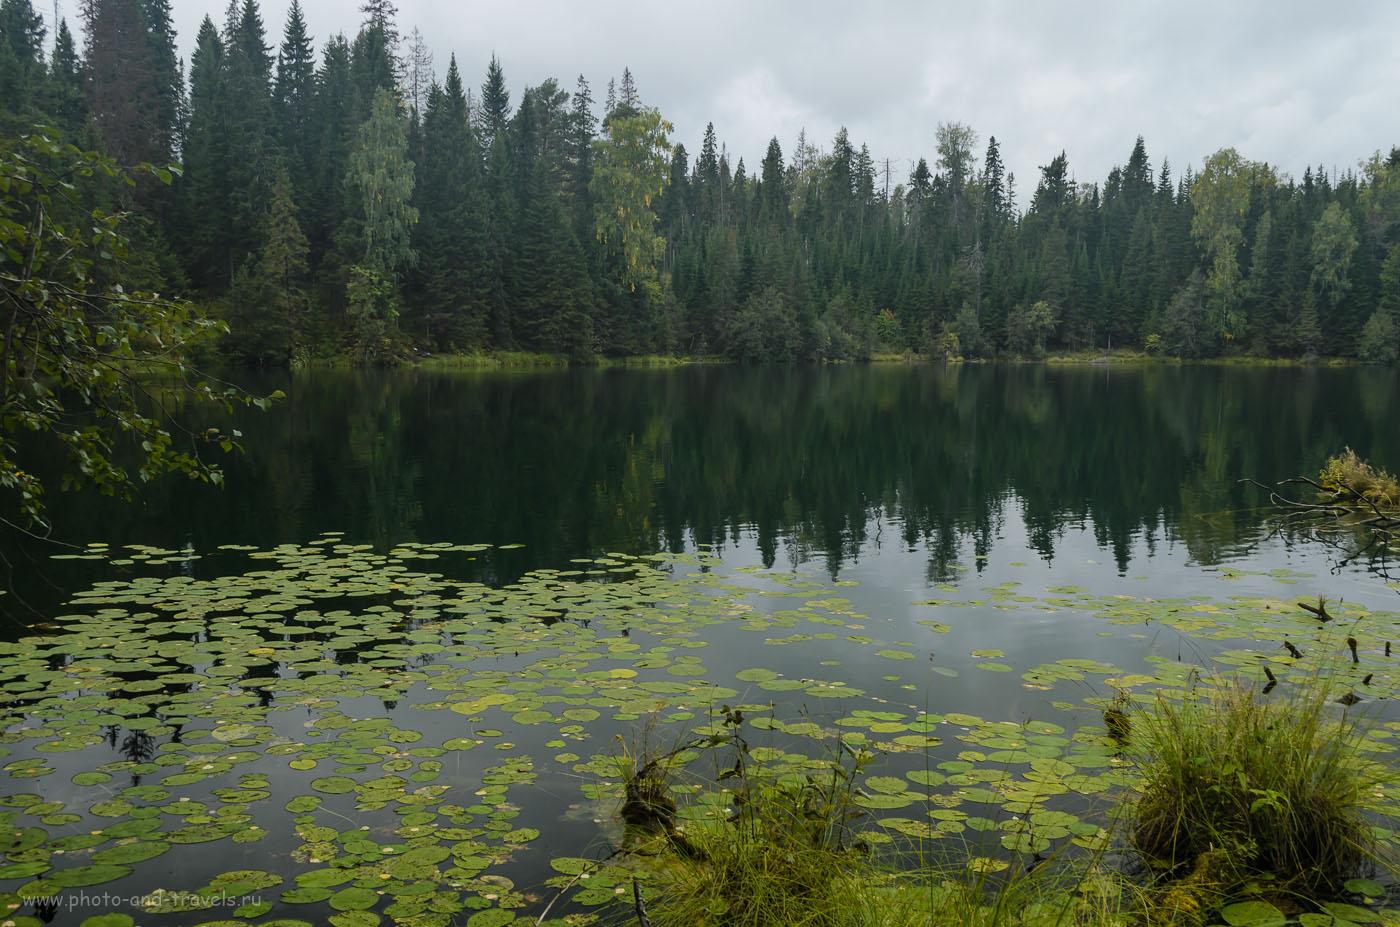 Фотография 6. Озеро Бездонное в Свердловской области имеет глубину 49 метров. Берега окружены глухой тайгой. Куда поехать из Екатеринбурга на машине. 1/40, 8.0, 24, 200.